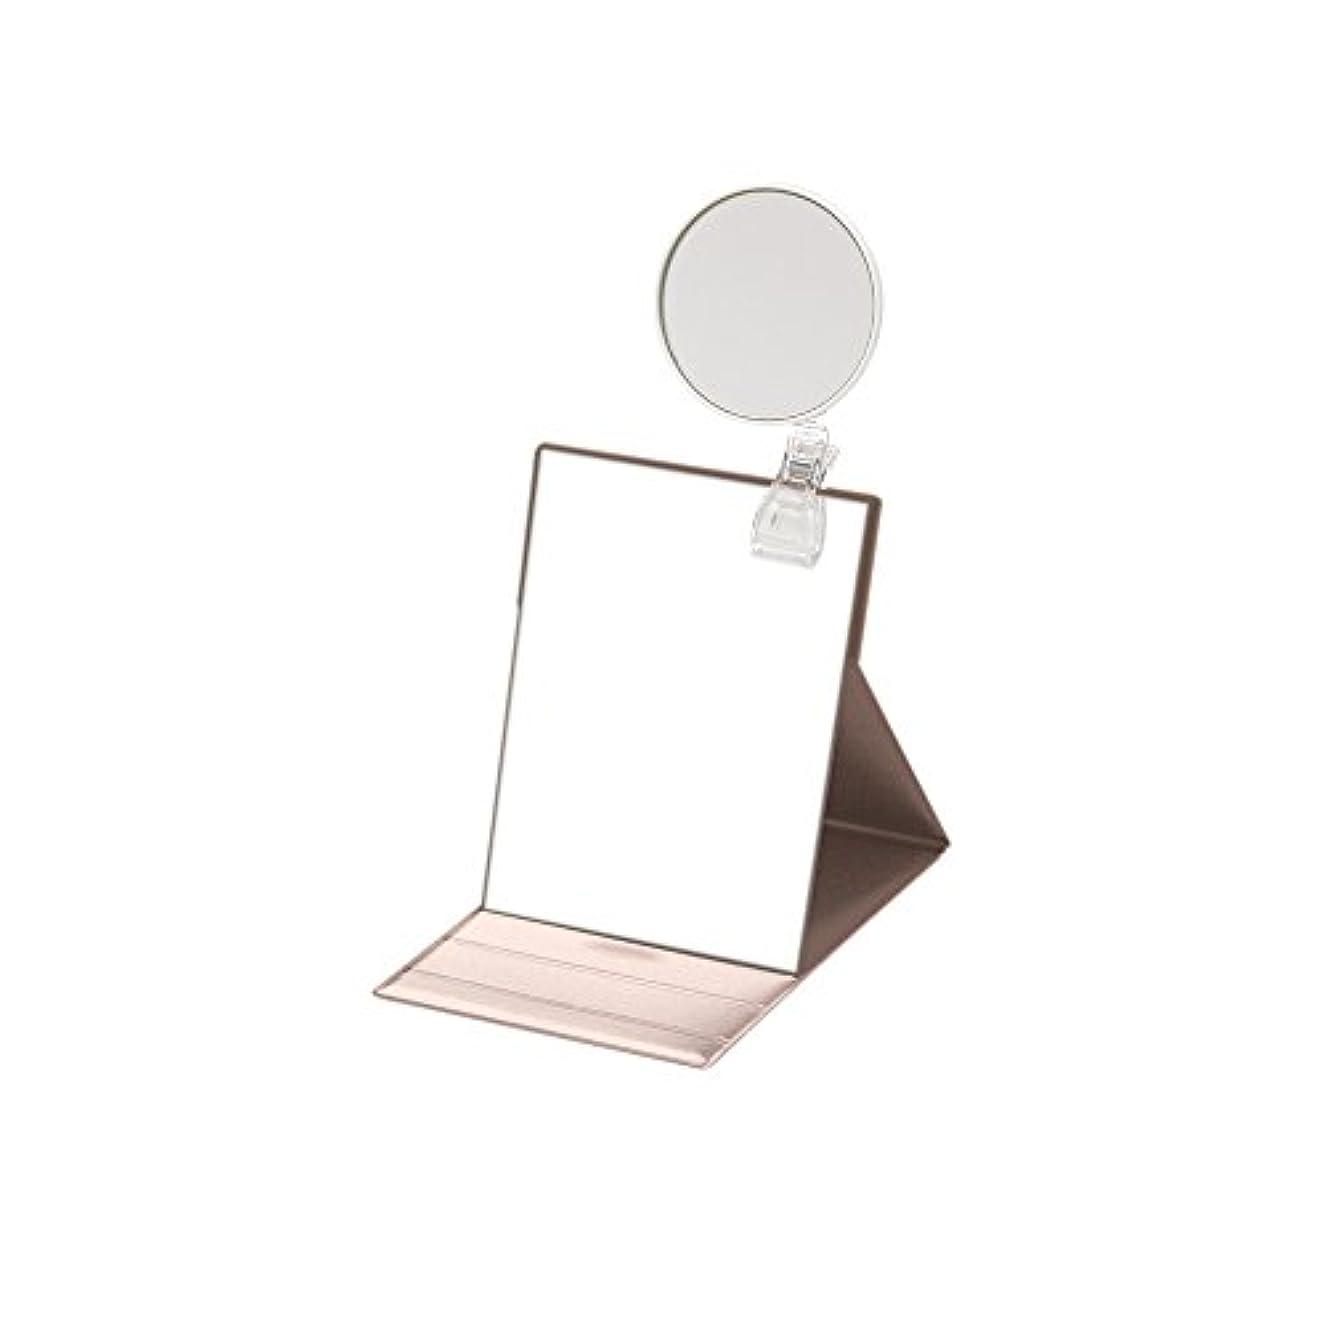 引き金天井知恵ナピュアミラー 5倍拡大鏡付きプロモデル折立ナピュアミラーM ピンクゴールド HP-34×5